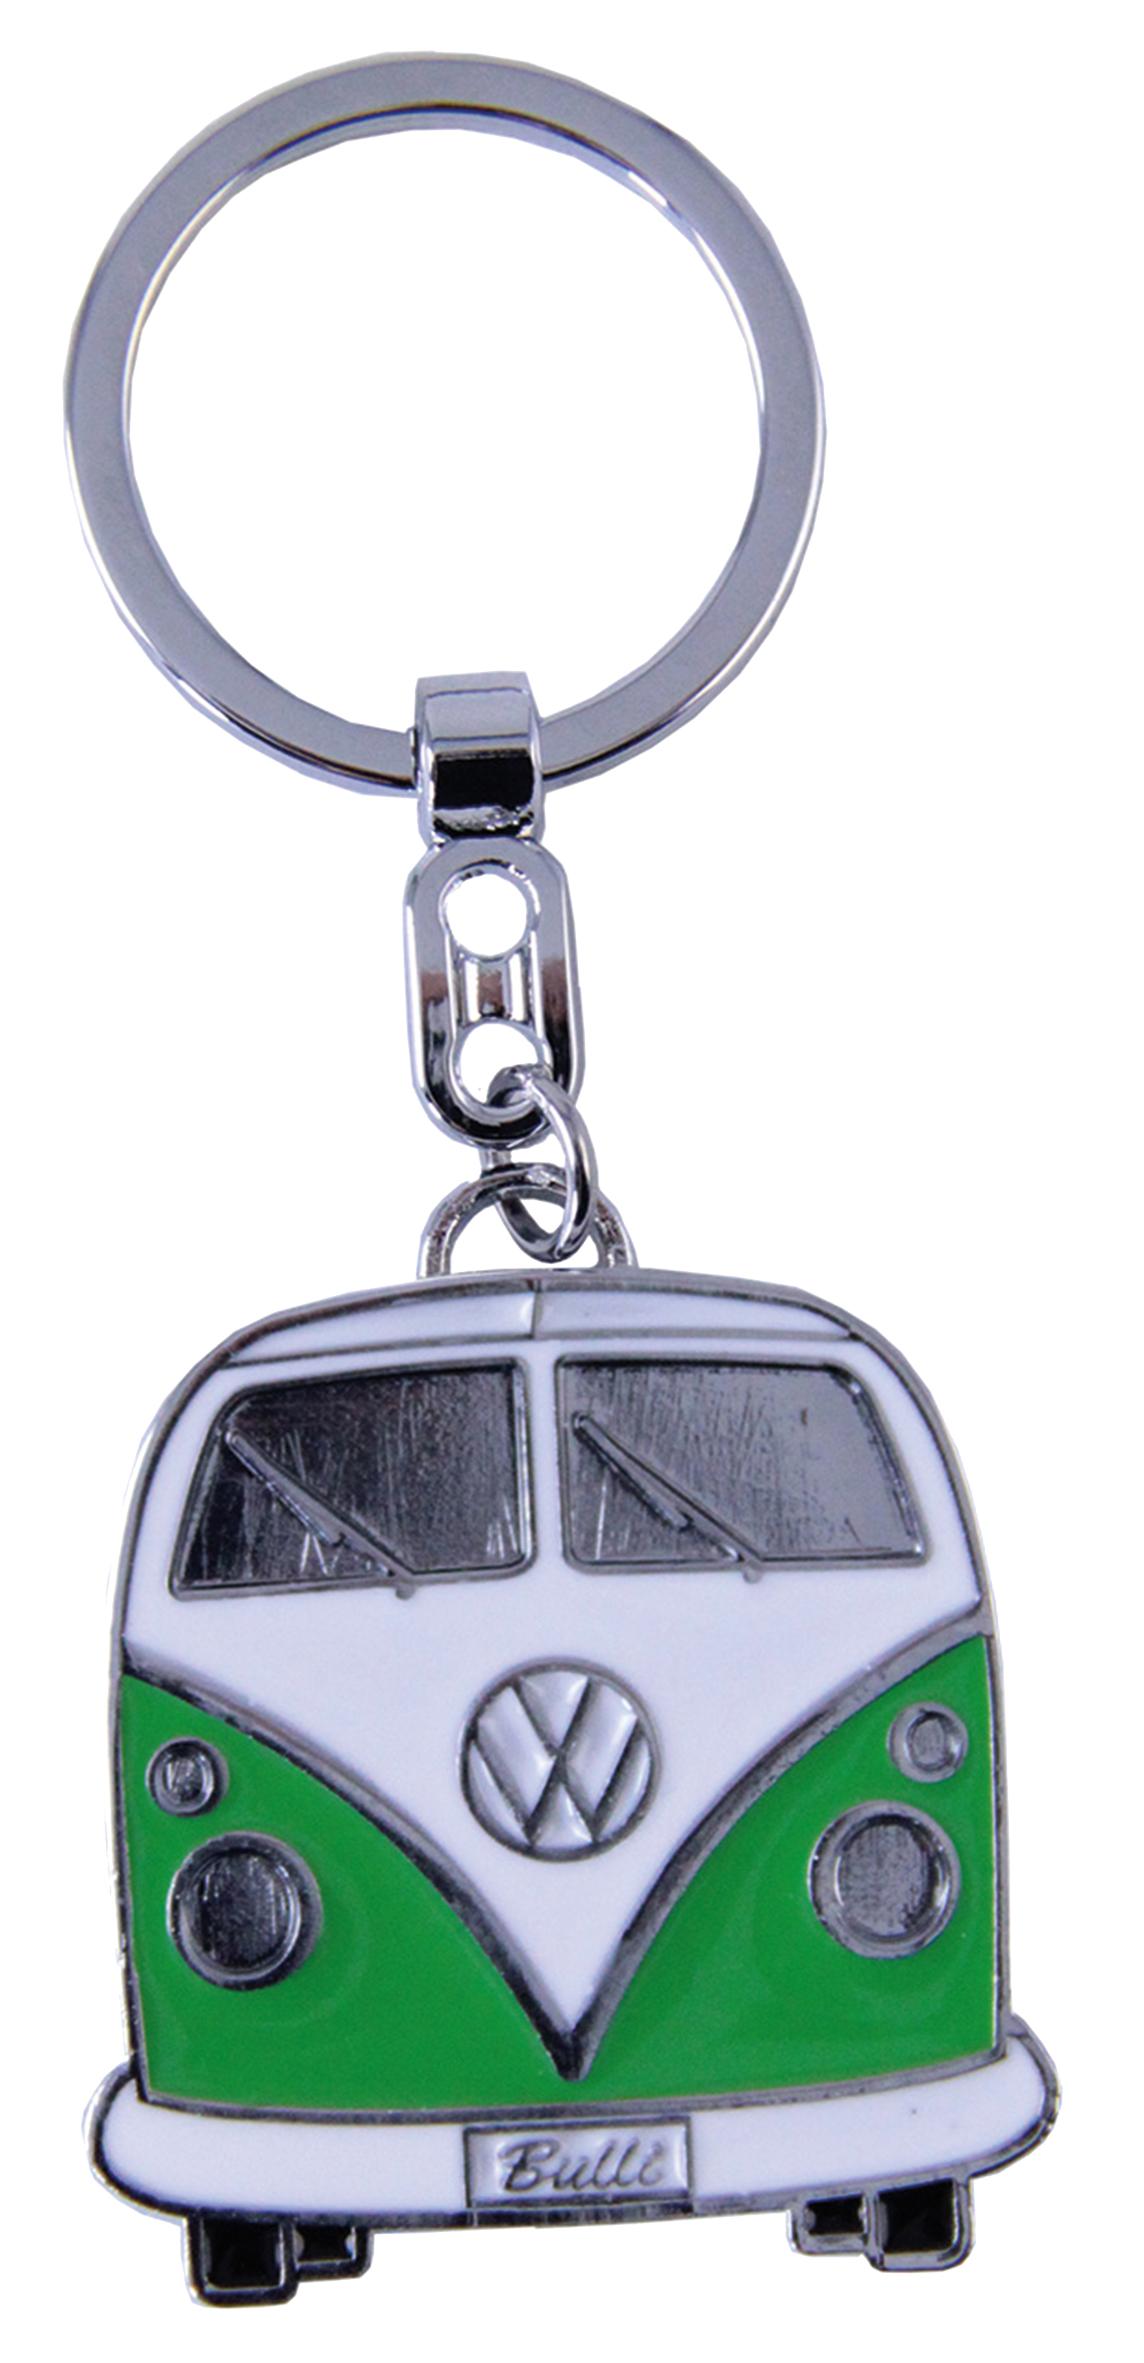 VW Collection Schlüsselanhänger grün